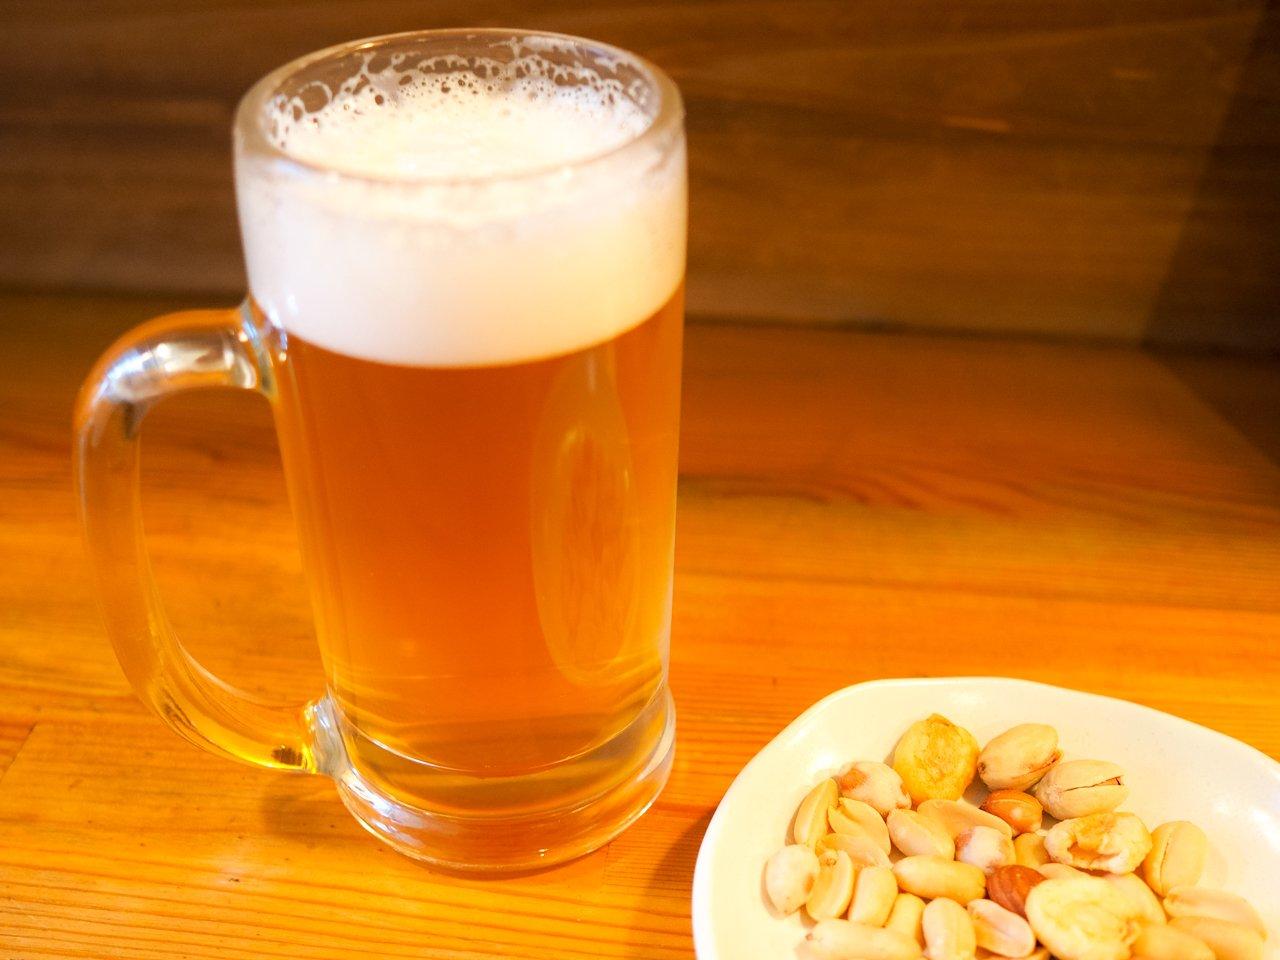 「ビール&ナッツ」の画像検索結果